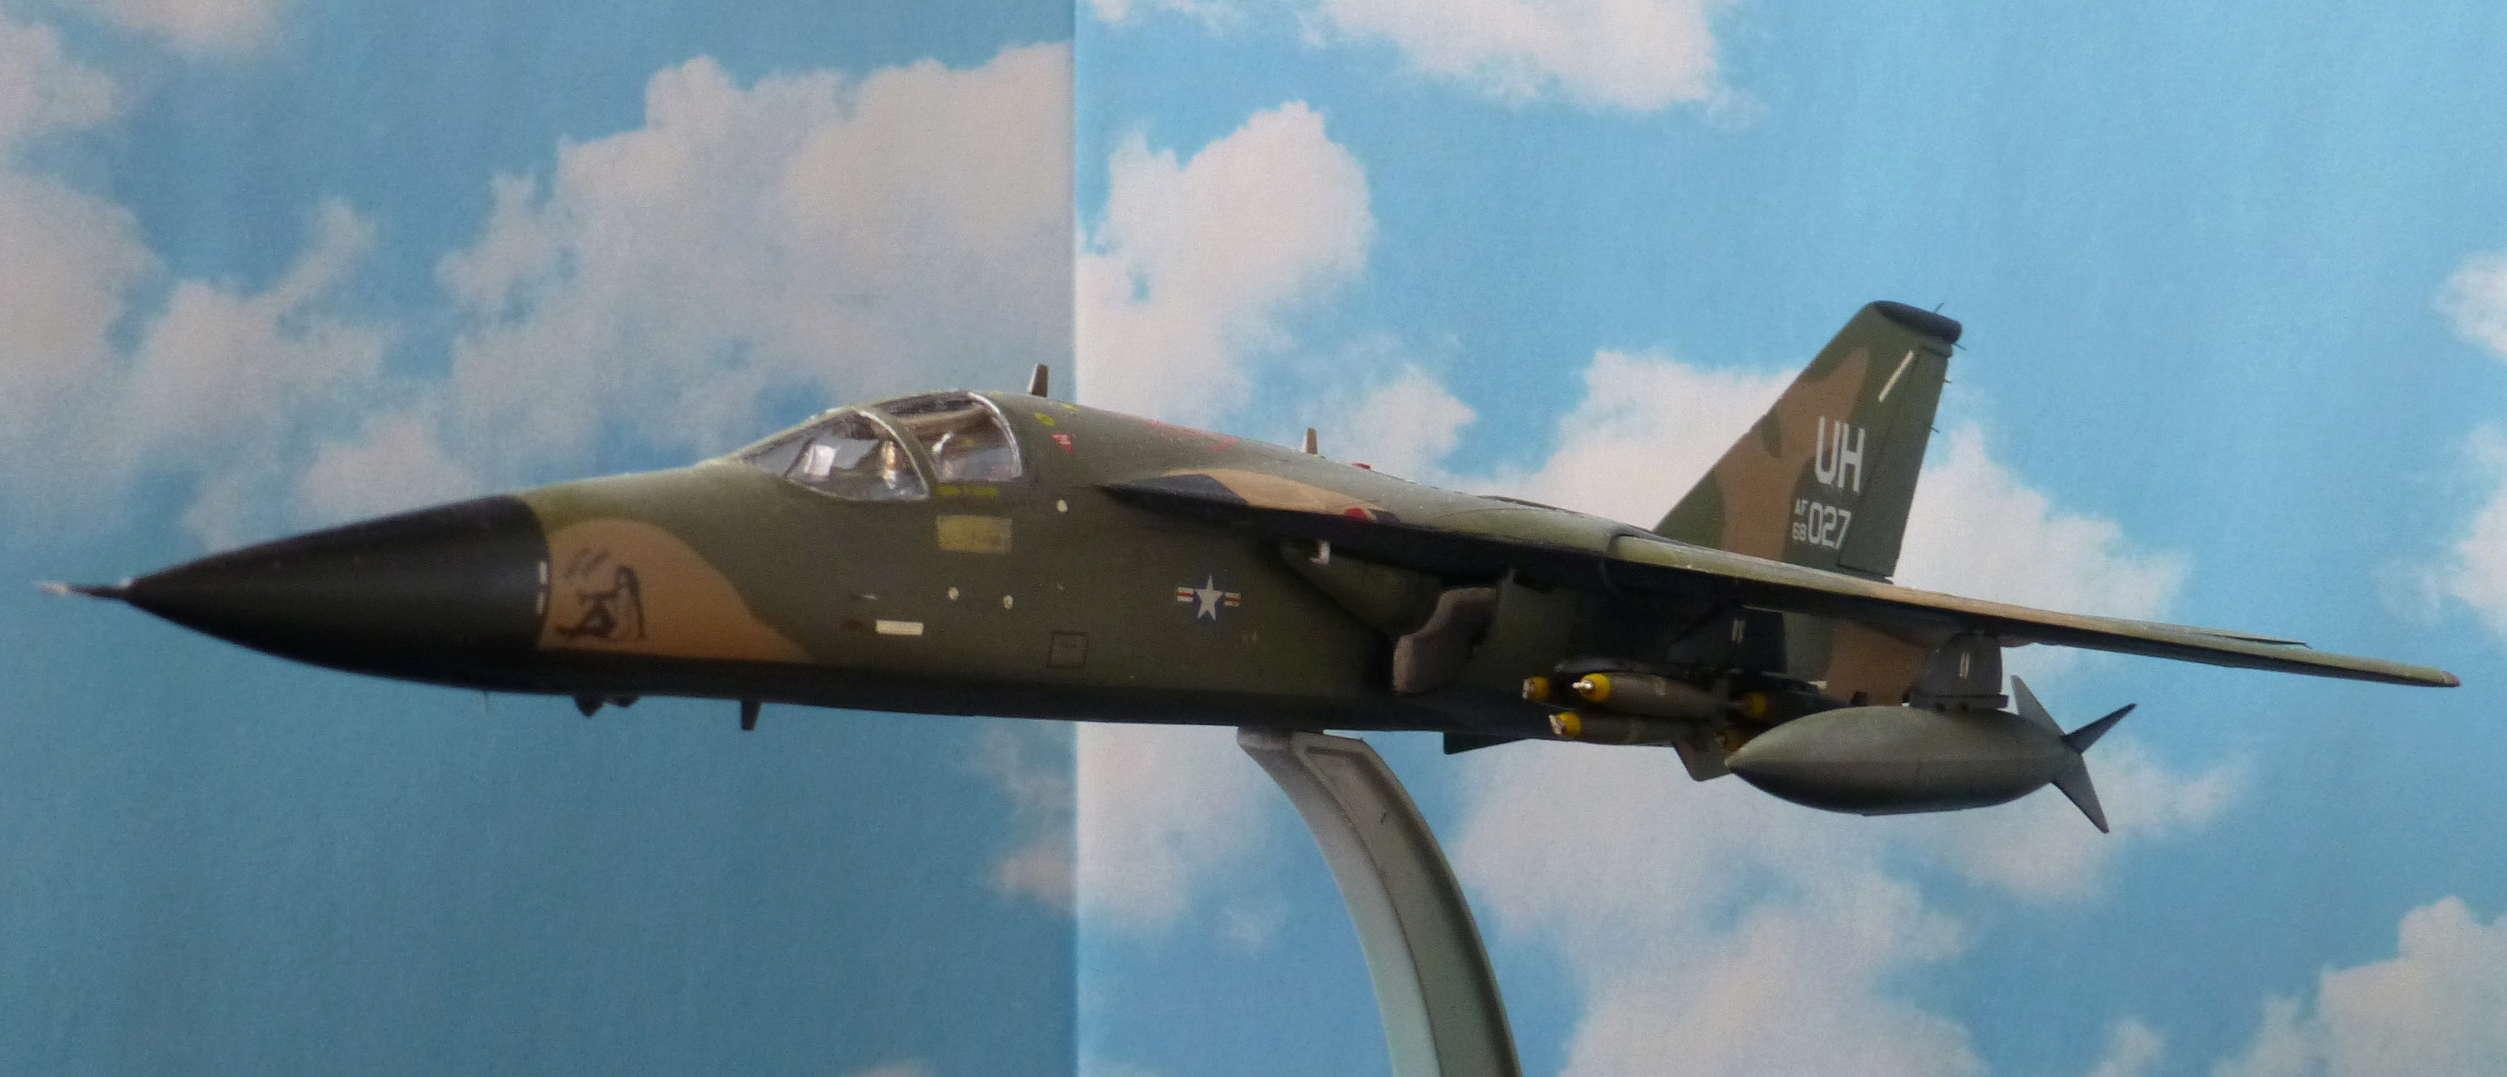 F-111E Airfix 9 04008 P1110912